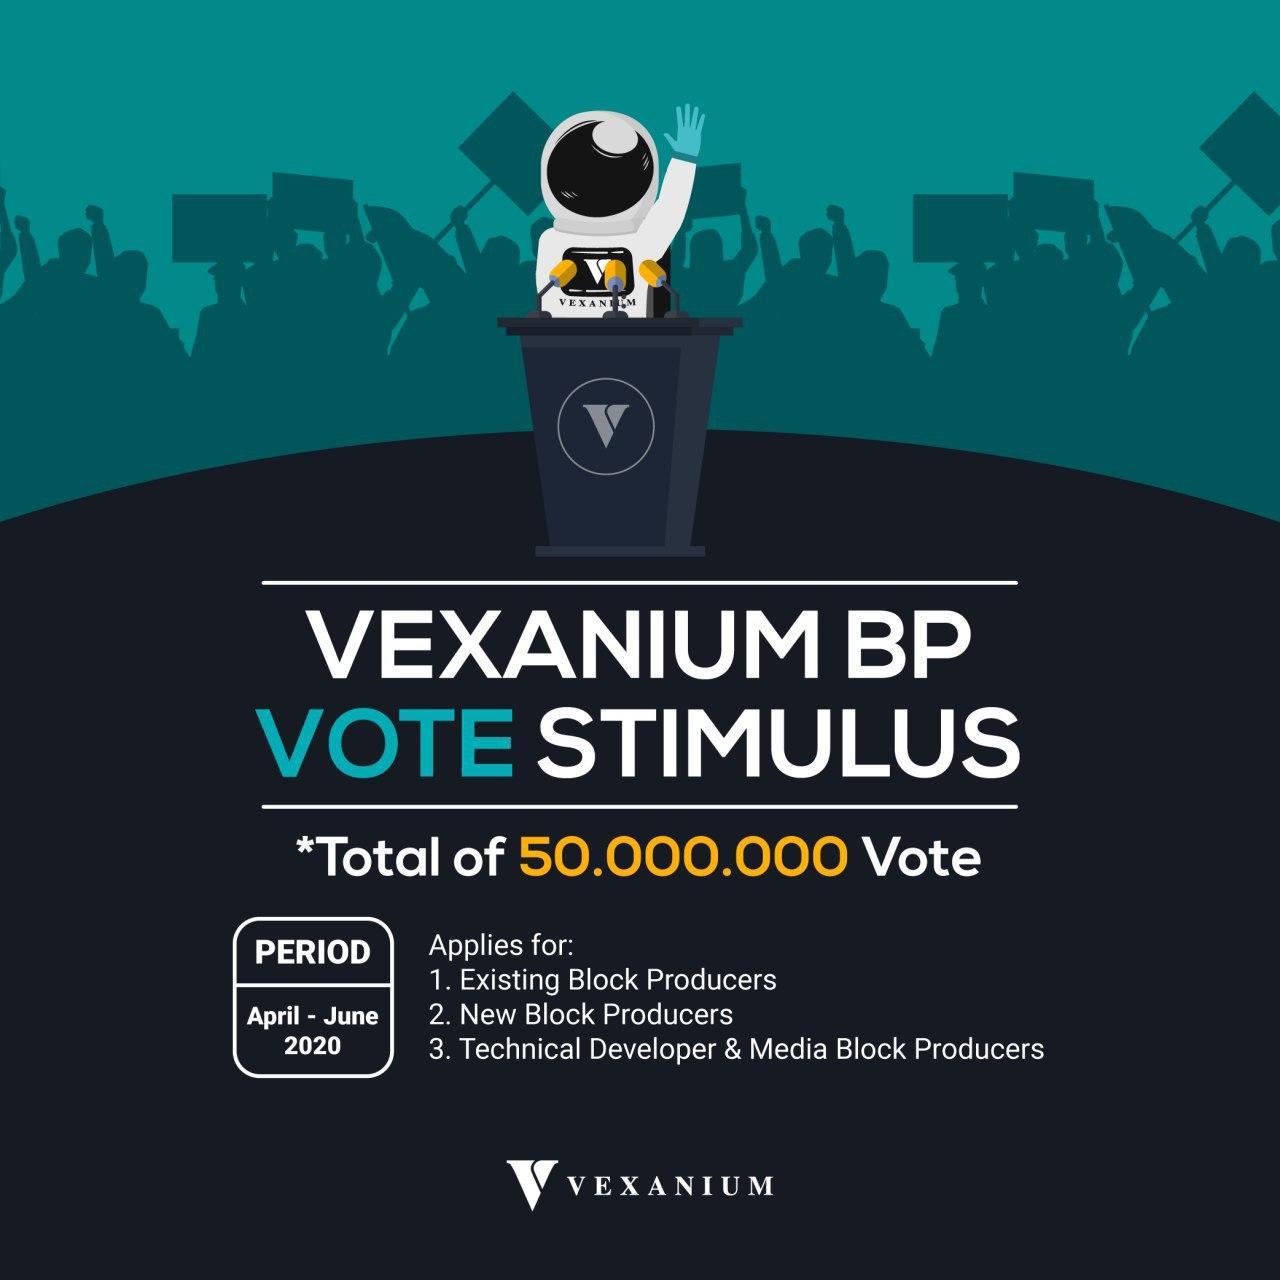 vexanium-bp-vote-stimulus